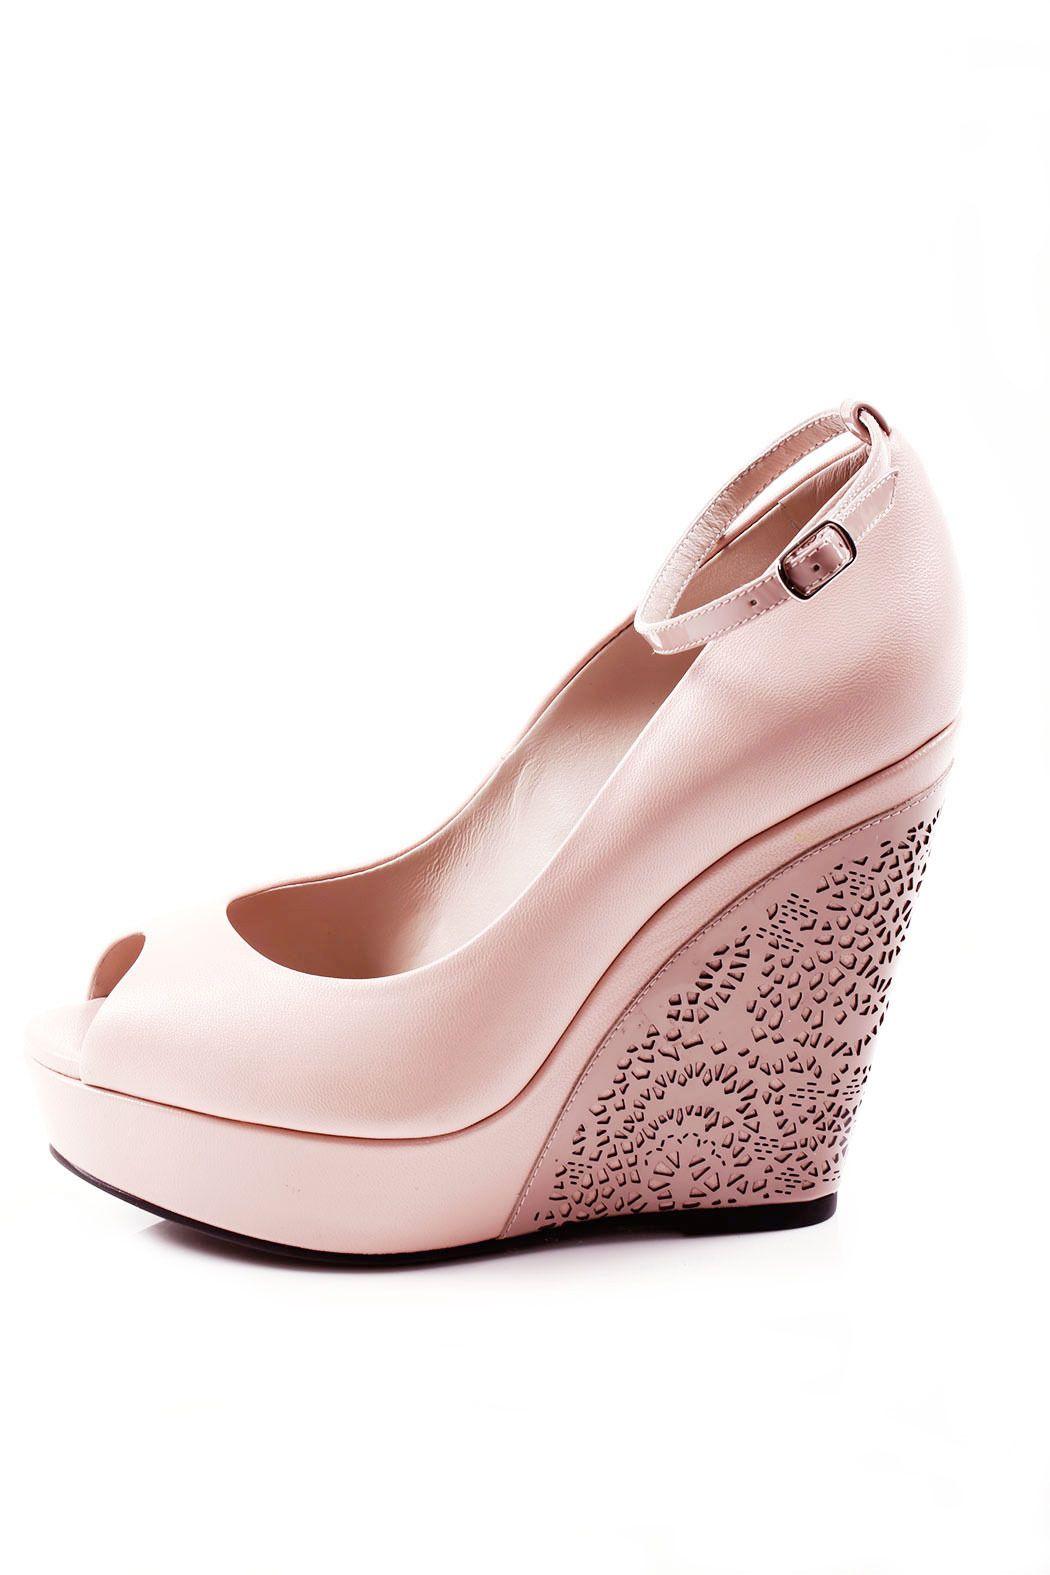 Gode Leather Peep Toe Wedge Blush Wedding Shoes Wedge